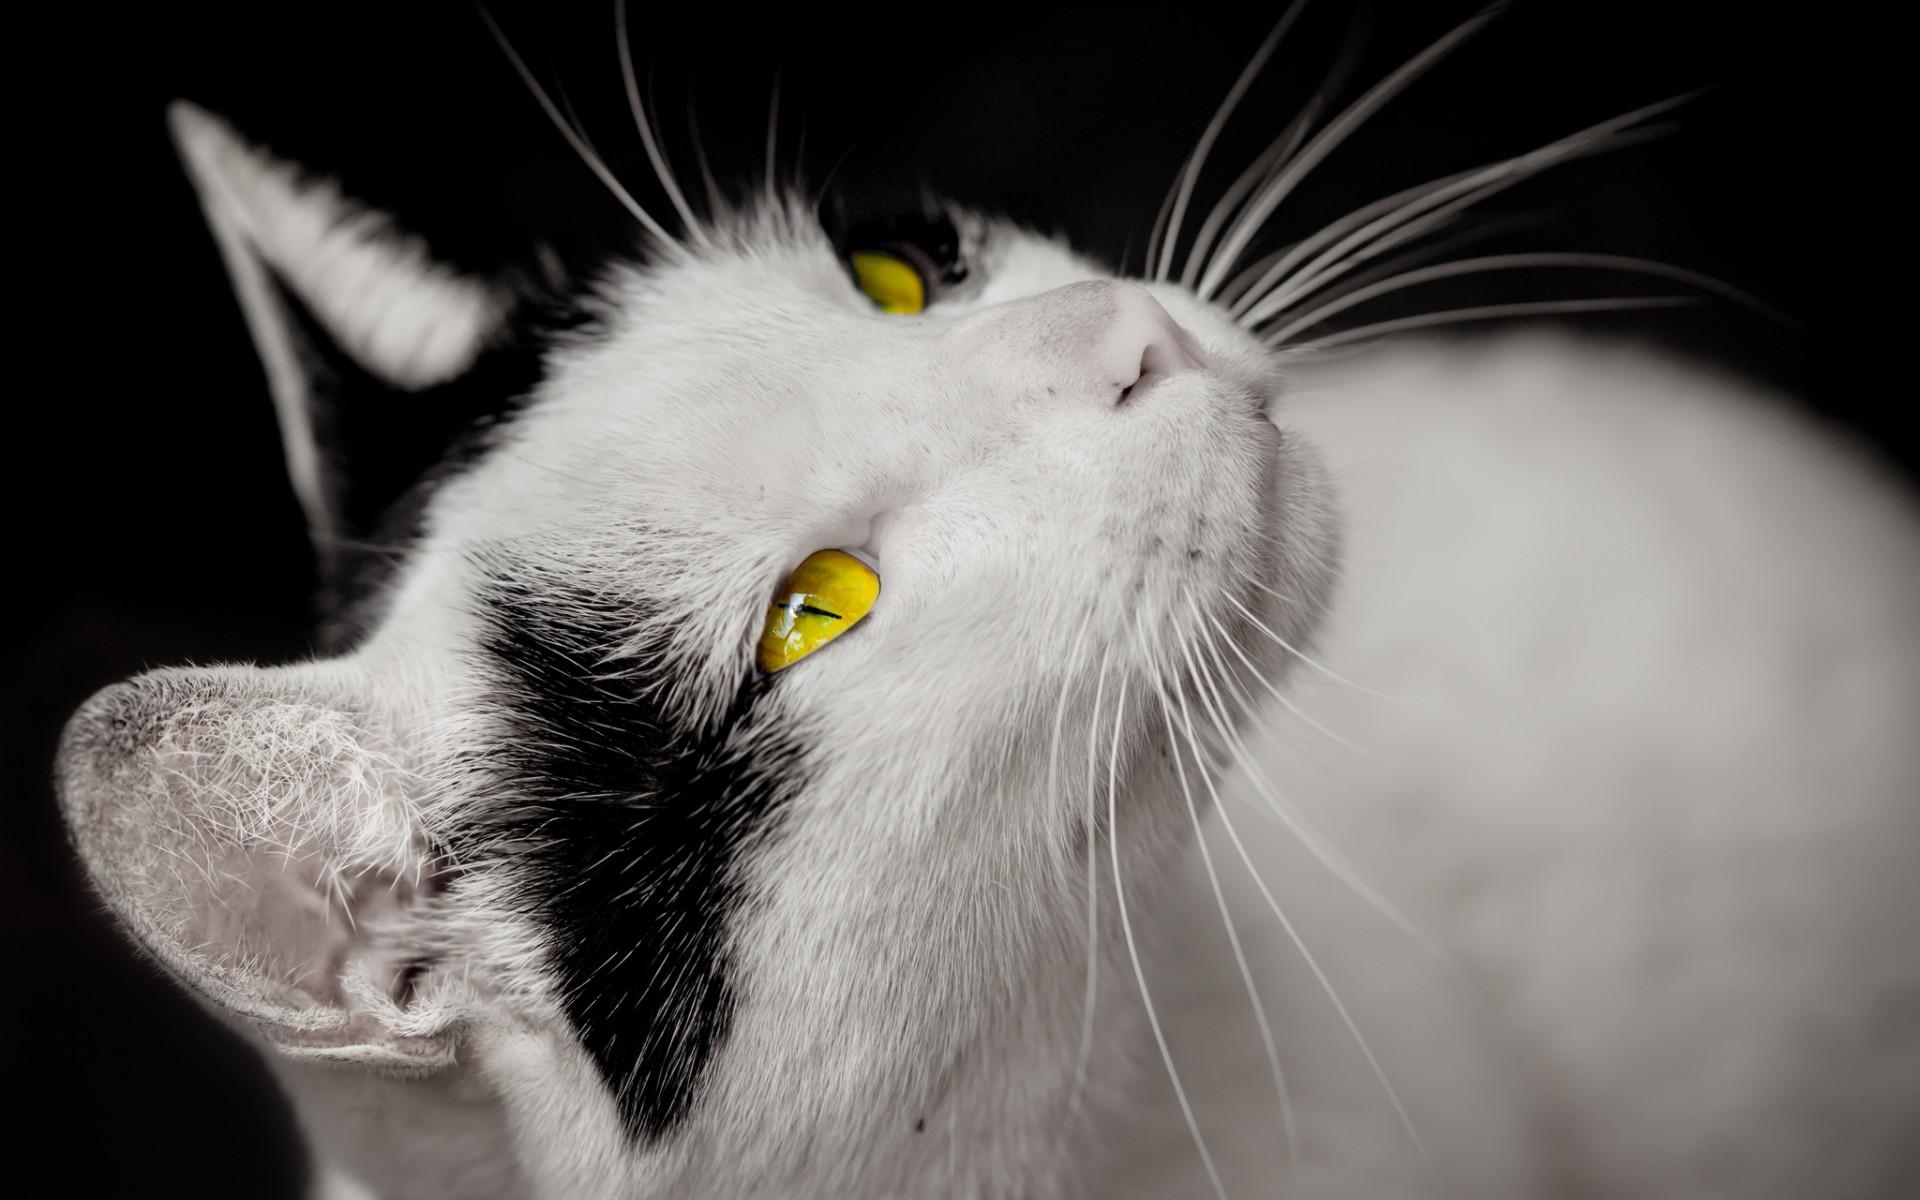 animal eye wallpaper beautiful